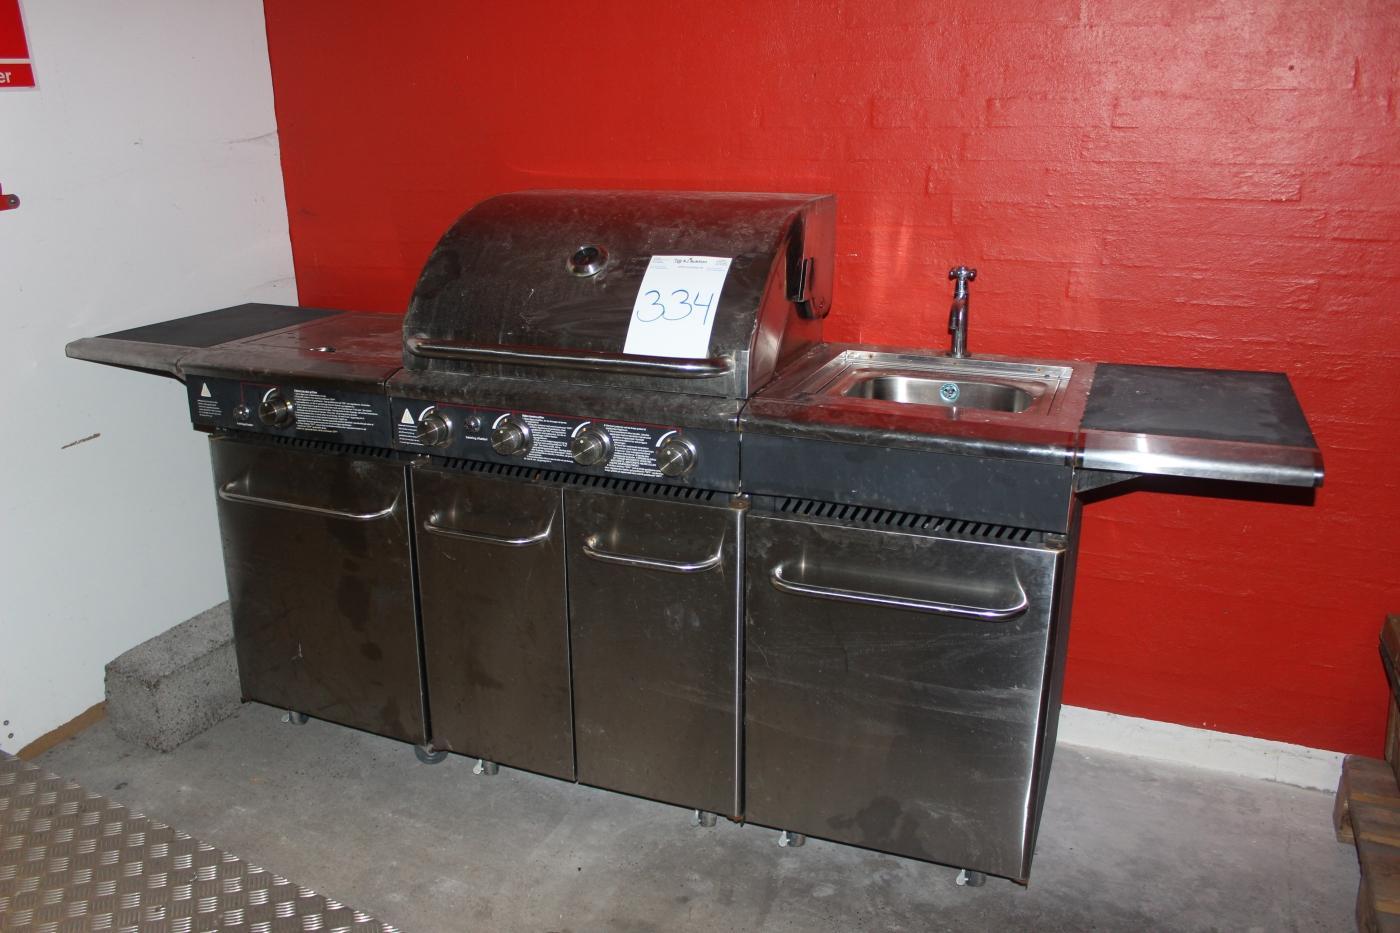 Gasgrill Für Außenküche : Zubereitung eines gesunden sommer menüs in einer außenküche mit